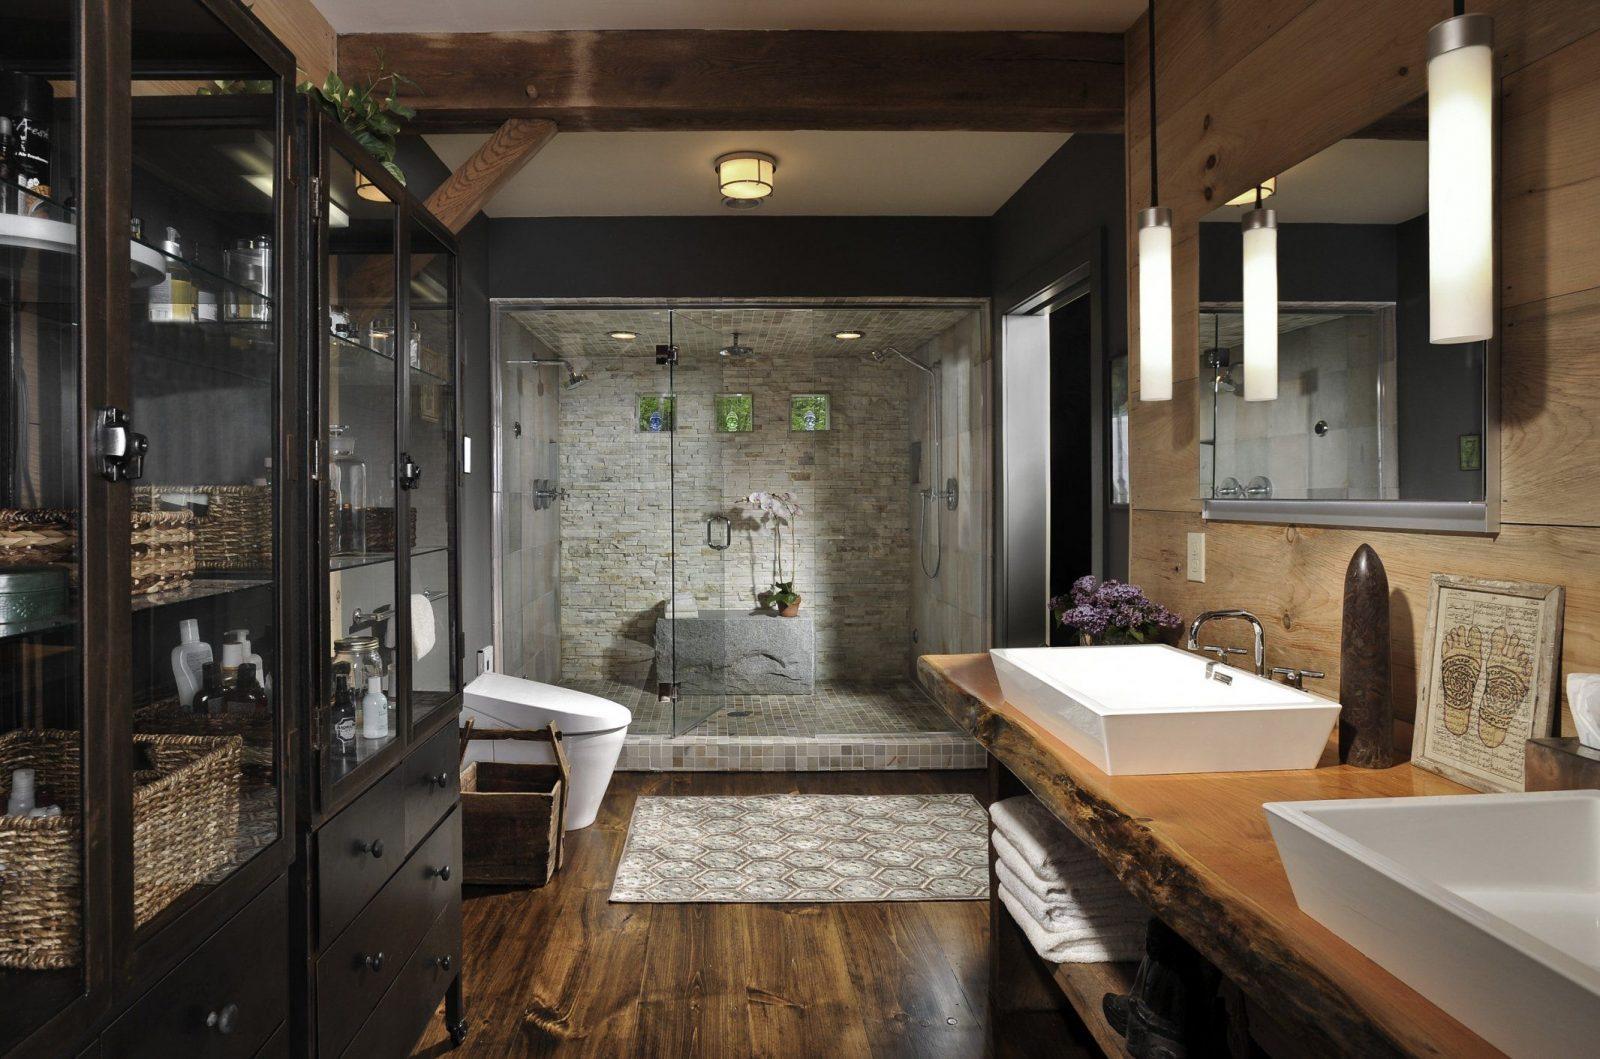 Ausgezeichnet Moderne Bäder Mit Holz Auf Modern Badezimmer Im von Moderne Bäder Mit Holz Bild